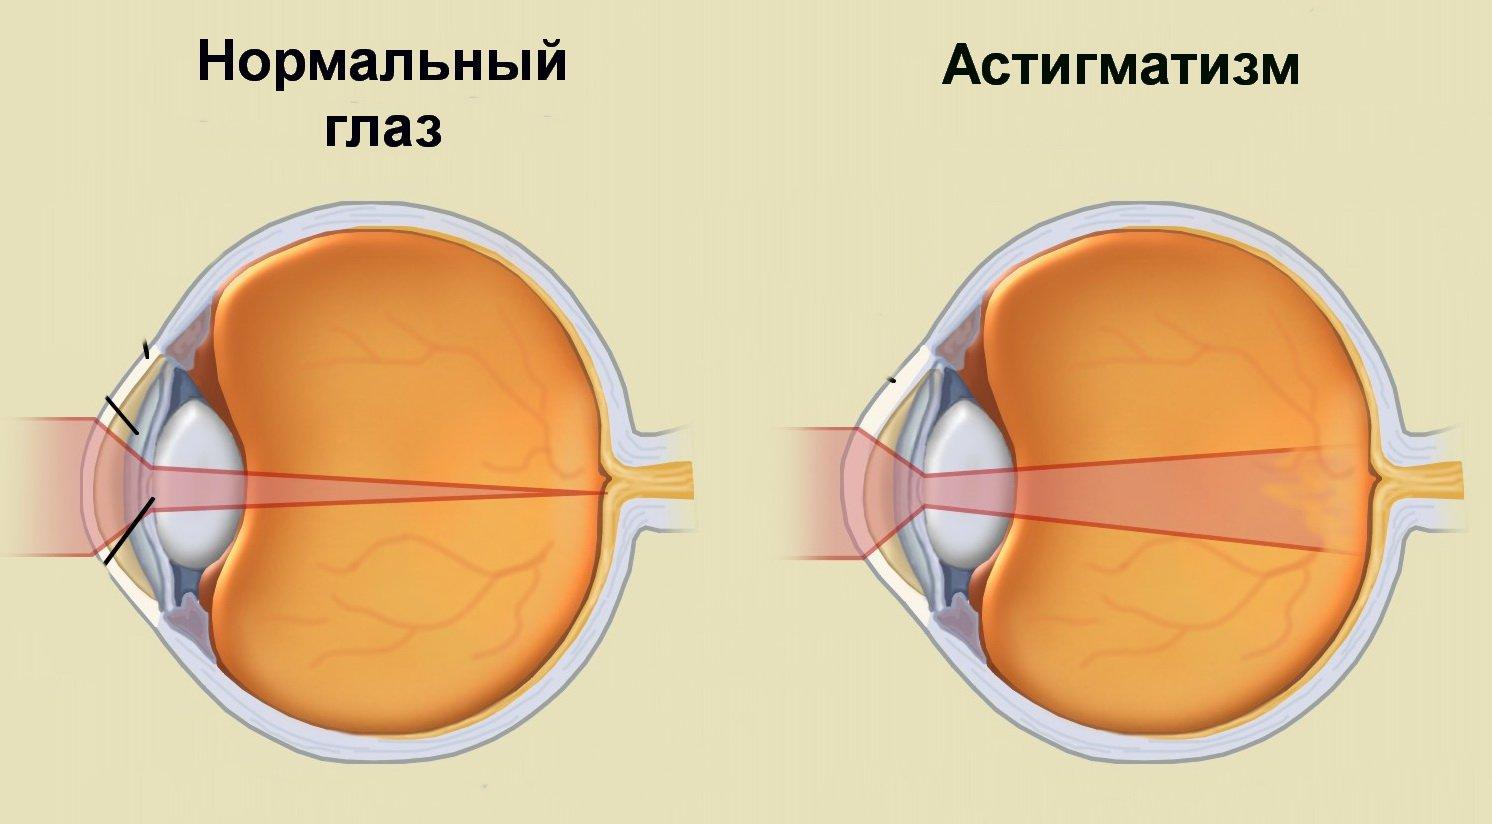 az amblyopia a myopia lézeres látáskorrekciós komplikációk